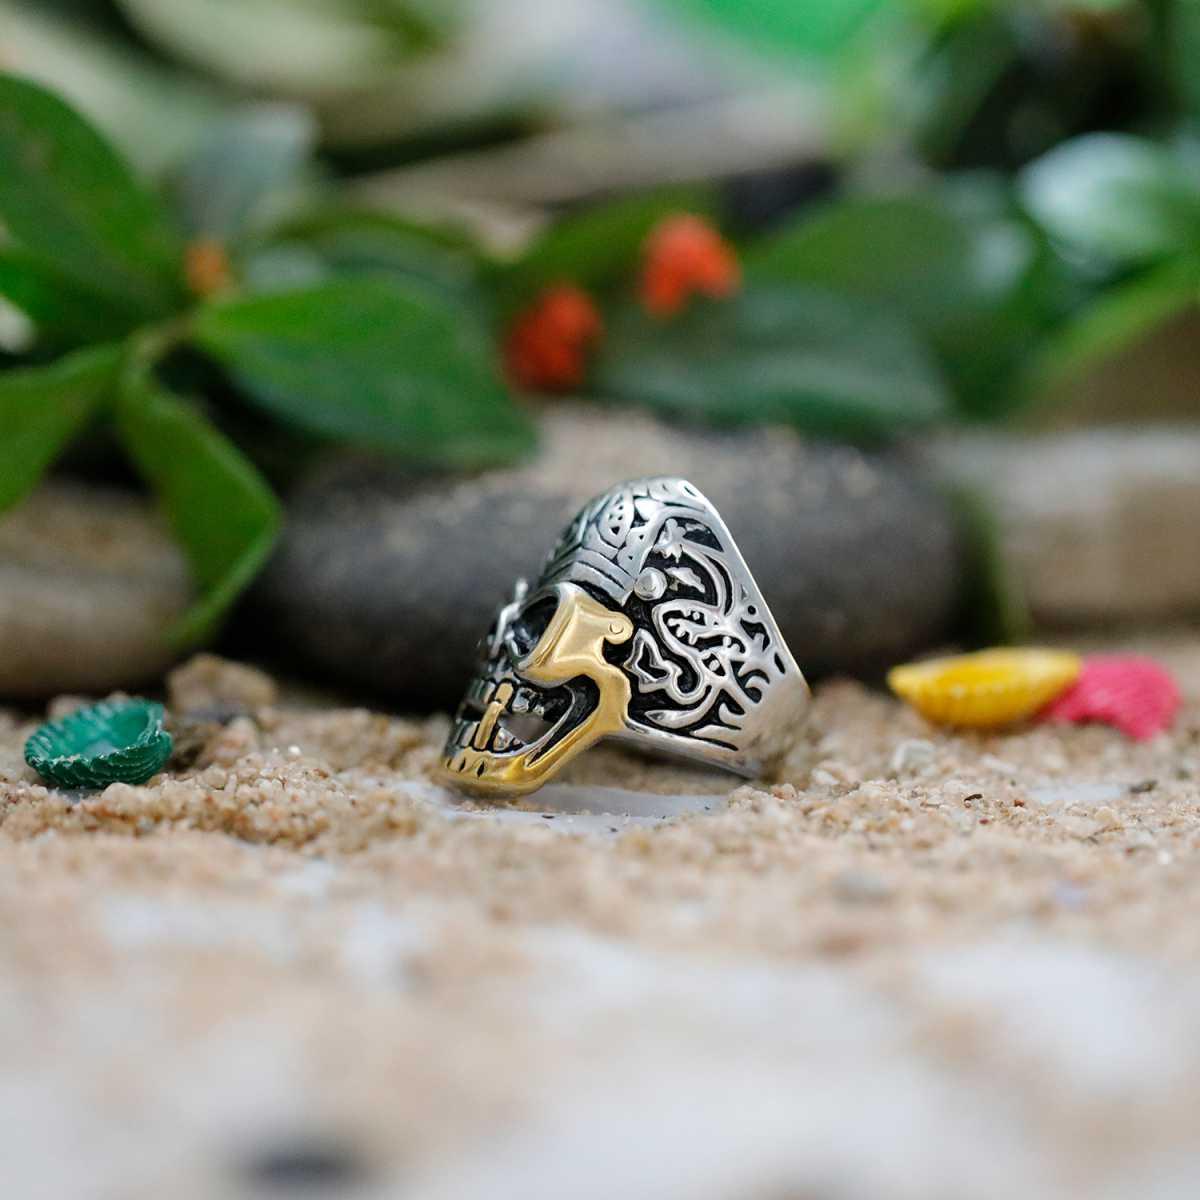 Silver Shine Stainless Steel Gothic Skull Finger Ring for Boys and Men